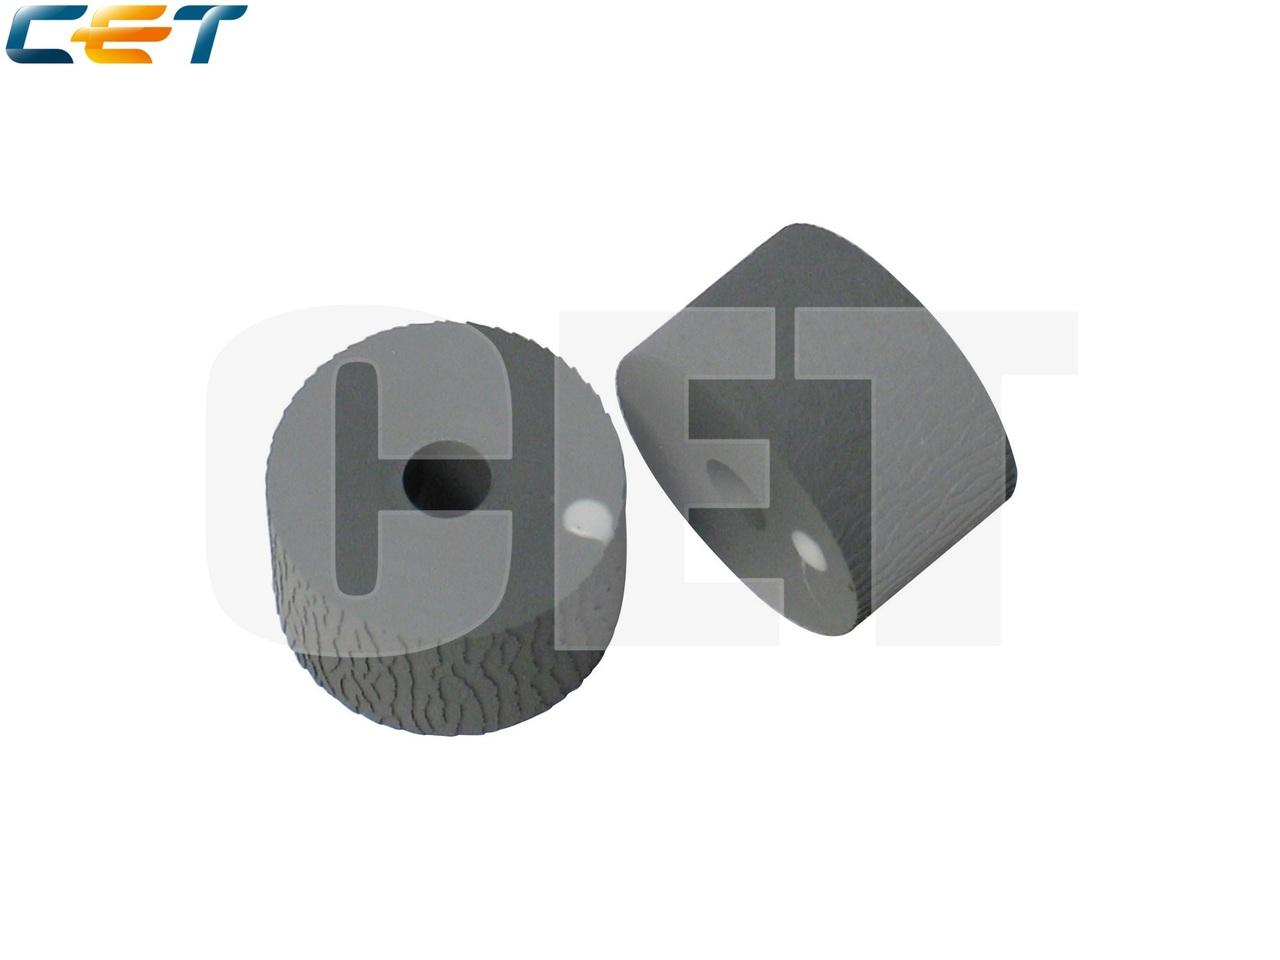 Резинка ролика подхвата 41306719000 для TOSHIBA E-Studio168/208/258, DP1600/2000/2500 (CET), CET7501